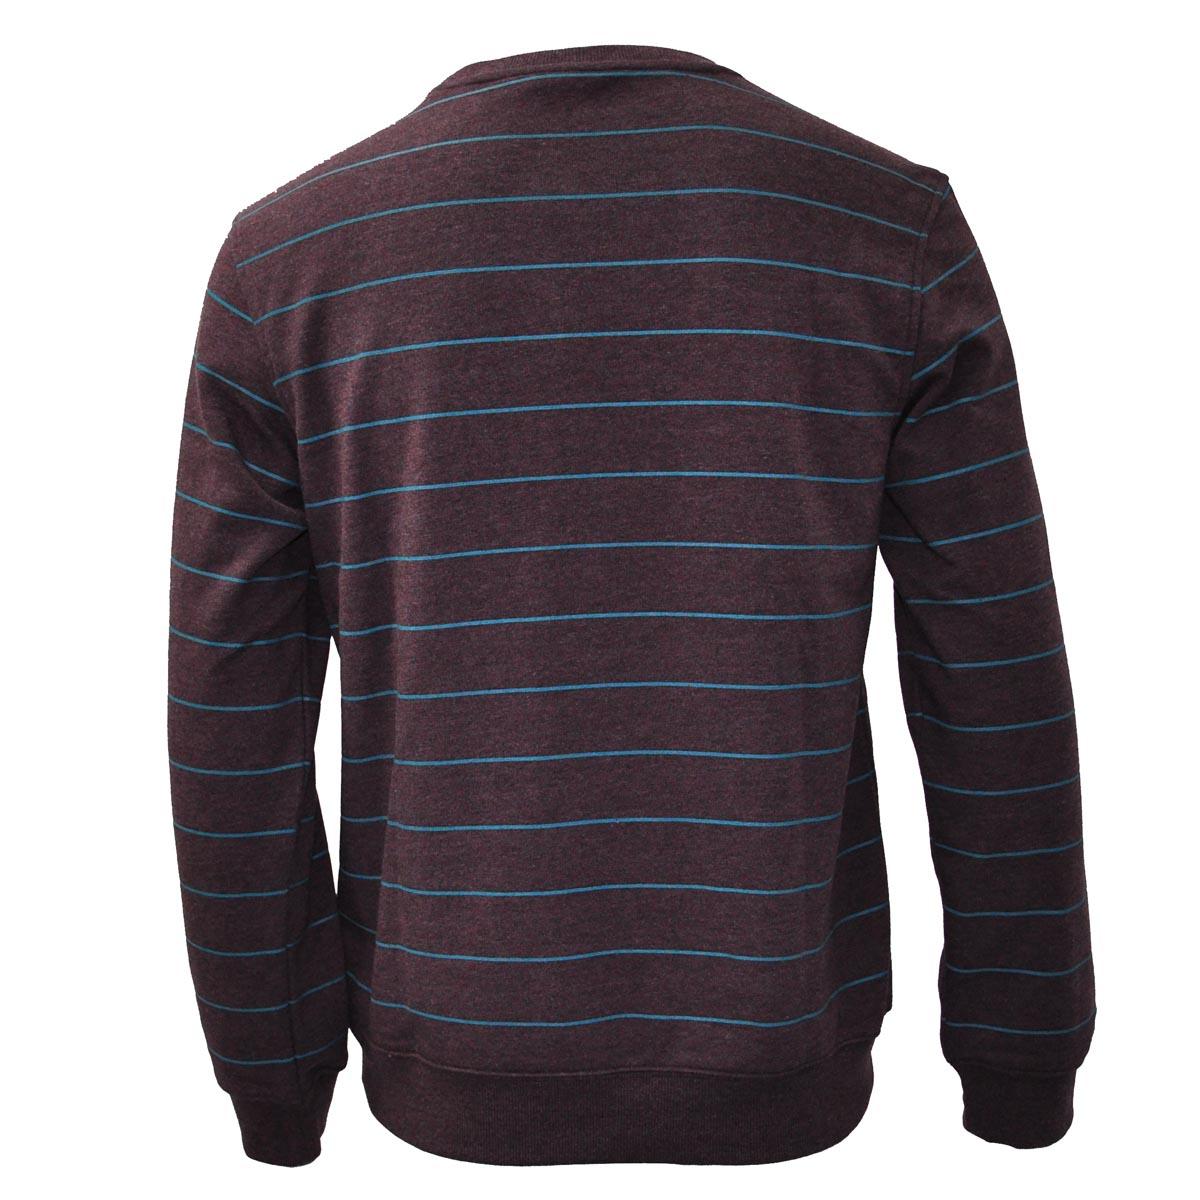 Спортивная толстовка Reebok rb5931 W51270 Для мужчин Пуловер Для спорта и отдыха Удерживающая тепло, Воздухопроницаемые Весной 2012 года